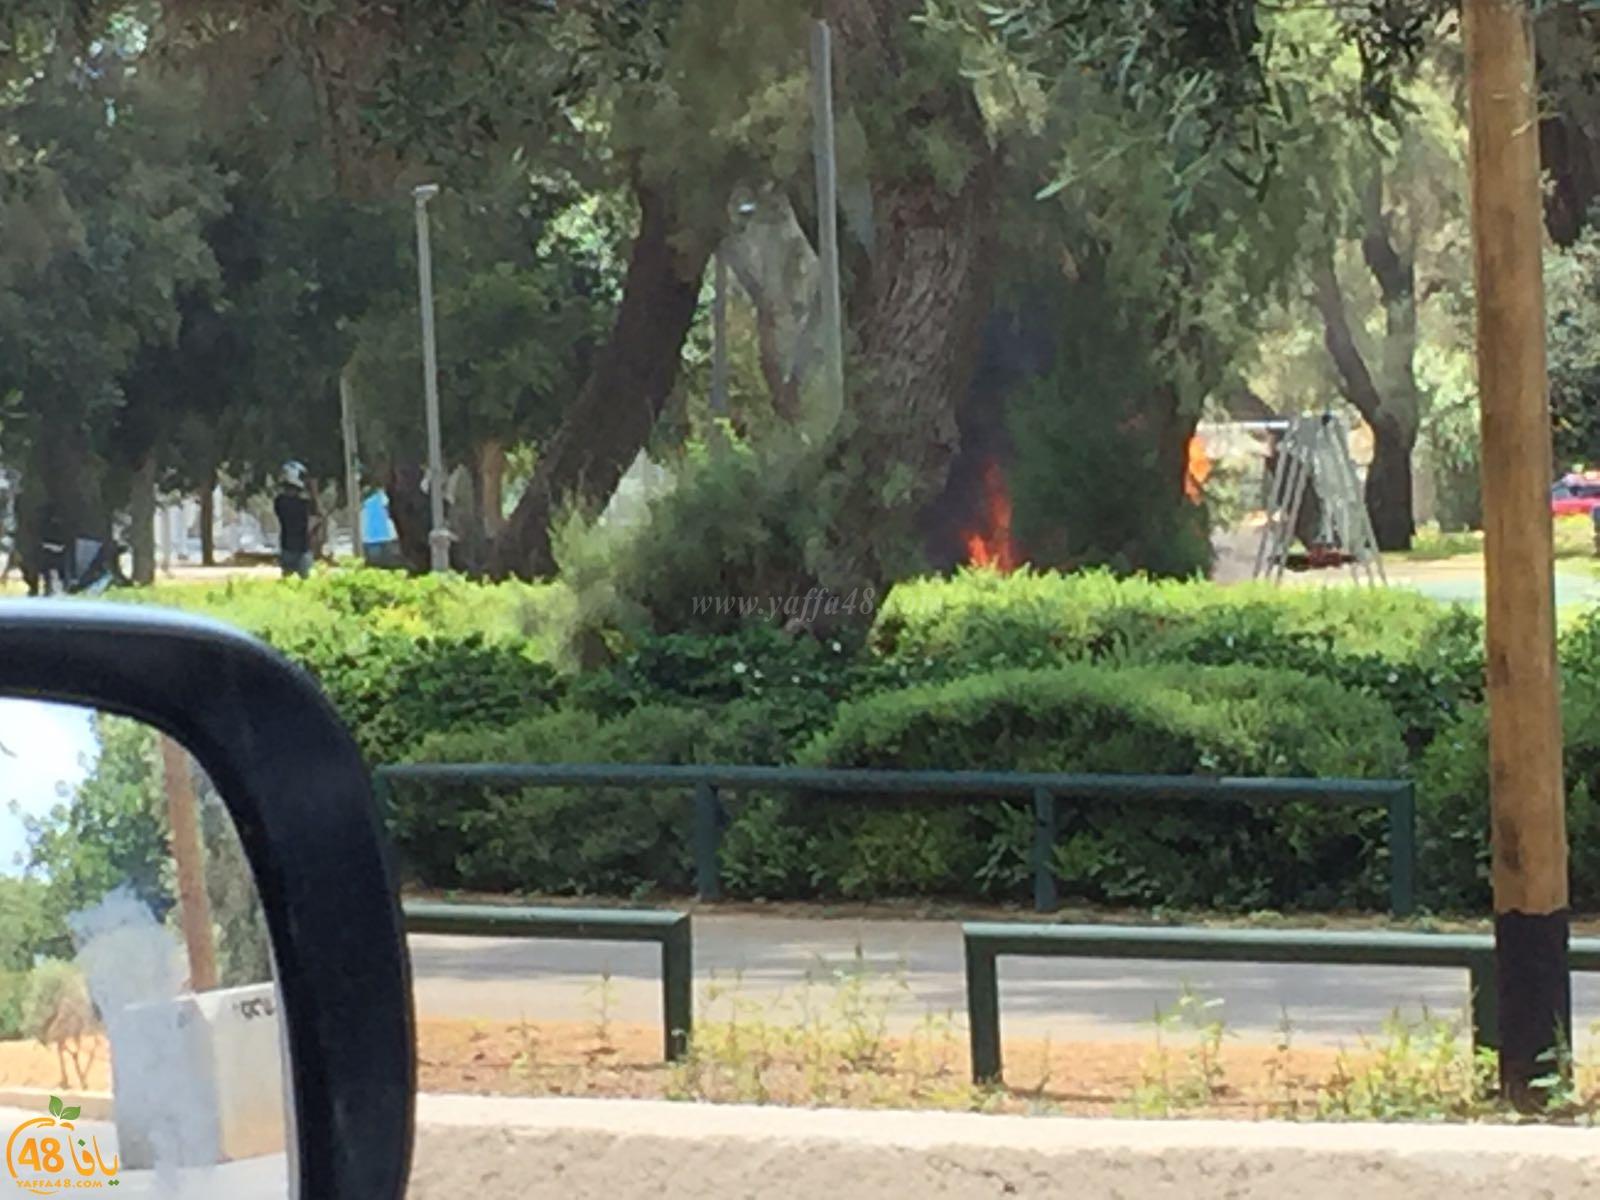 بالصور: حريق داخل حديقة ألعاب للأطفال في مدينة يافا دون اصابات